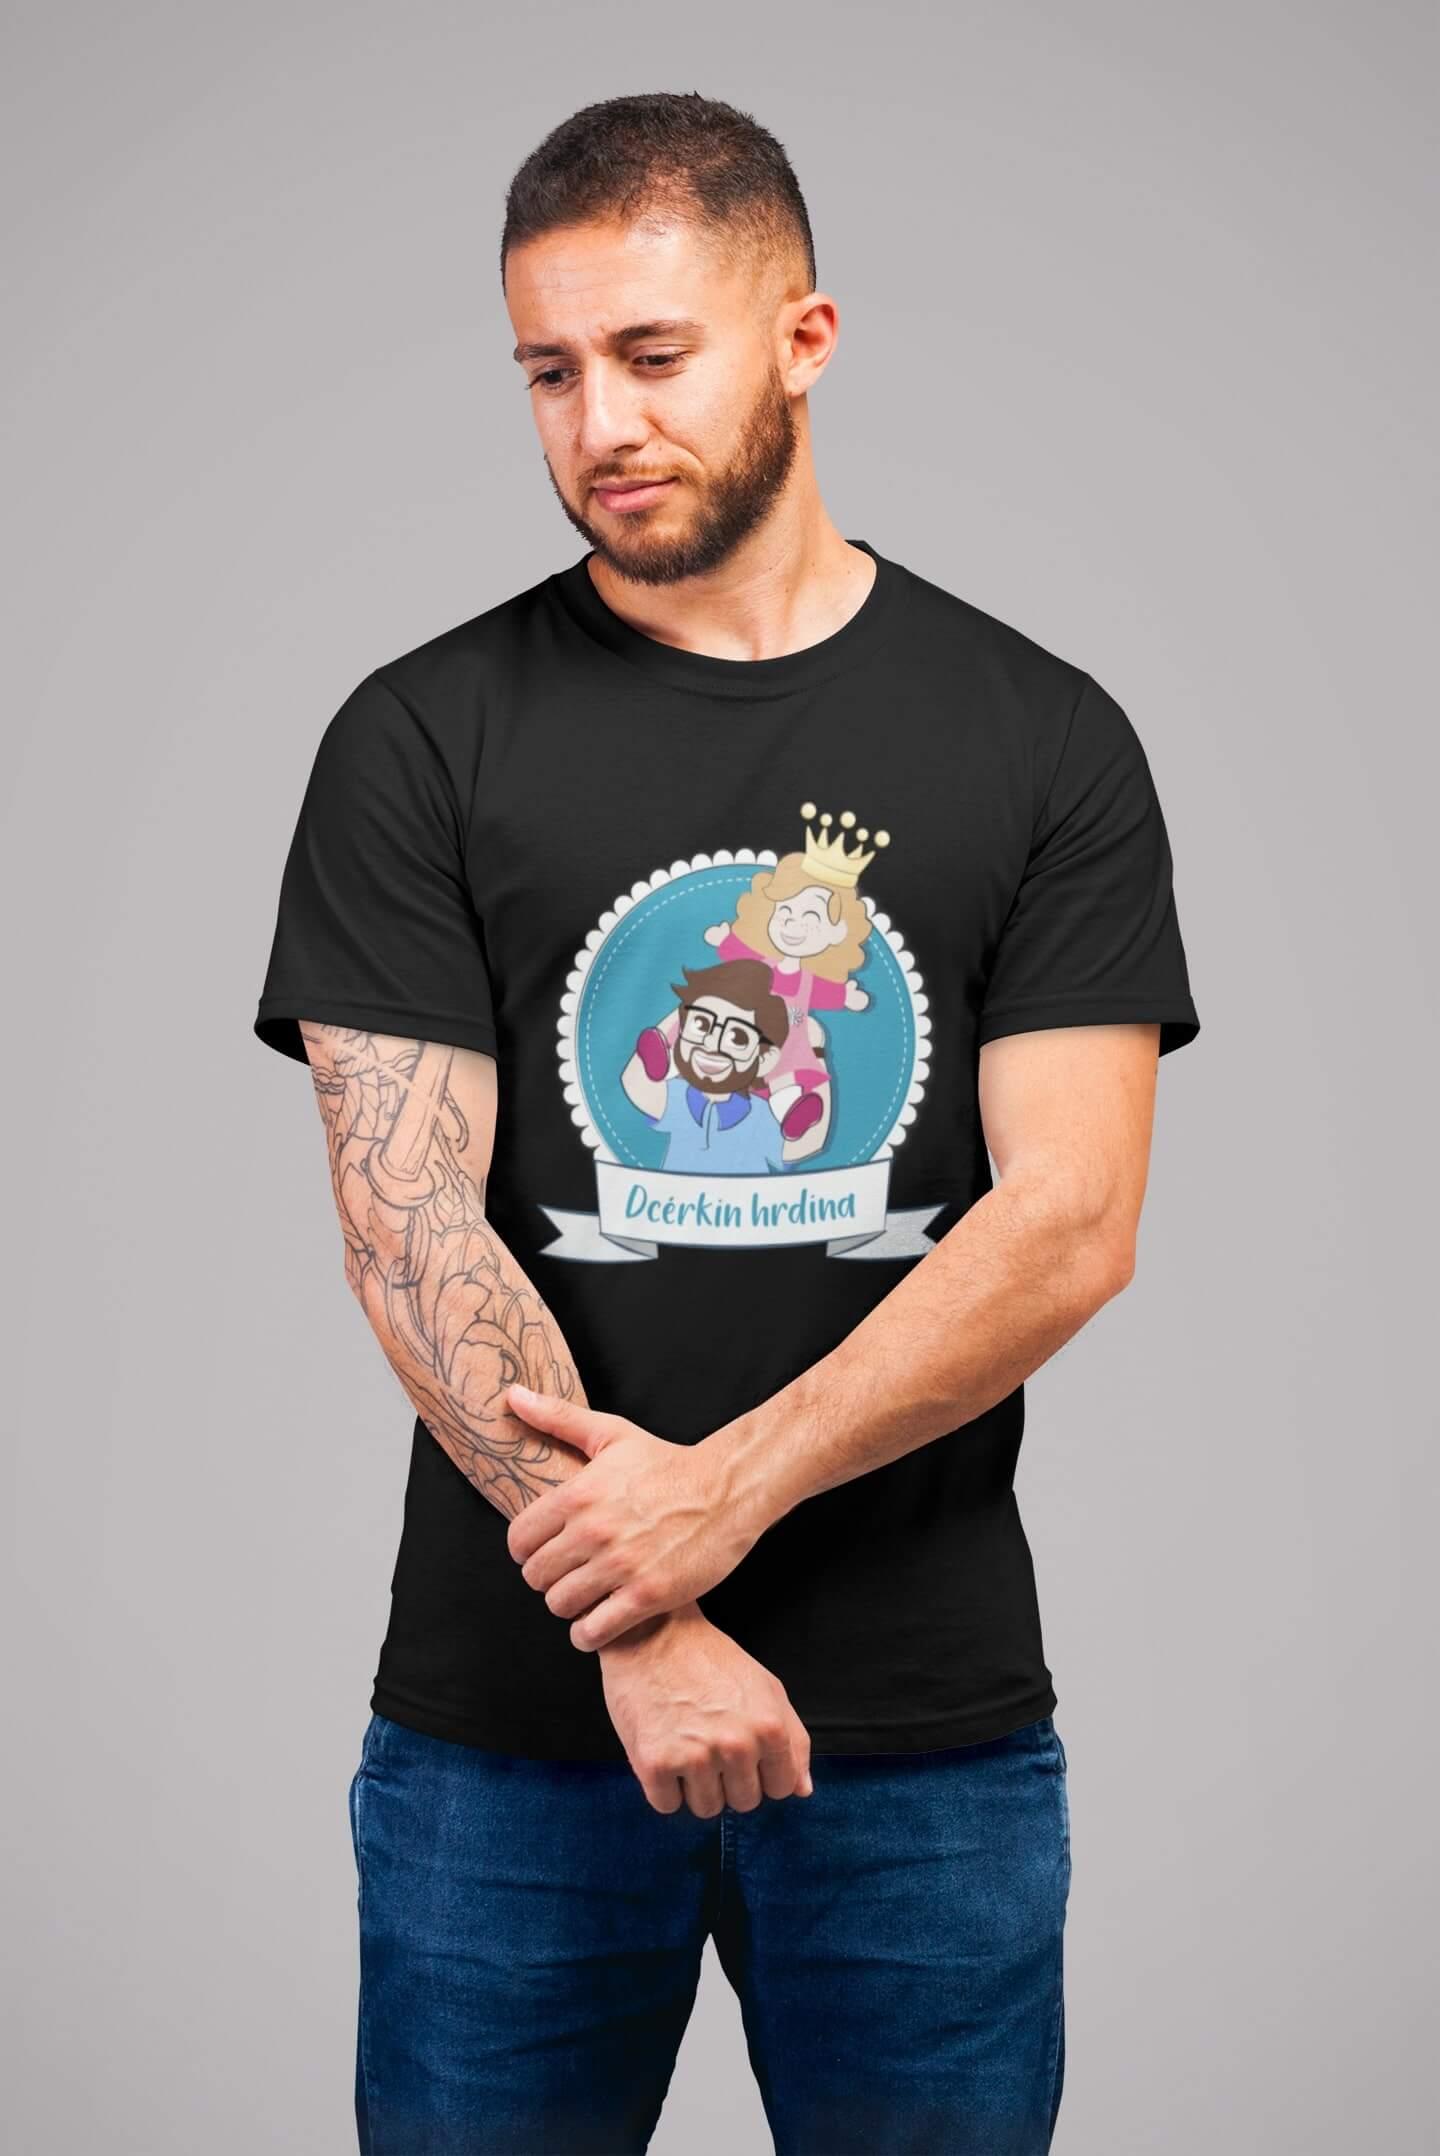 MMO Pánske tričko pre otca Dcérkin hrdina Vyberte farbu: Čierna, Vyberte veľkosť: S